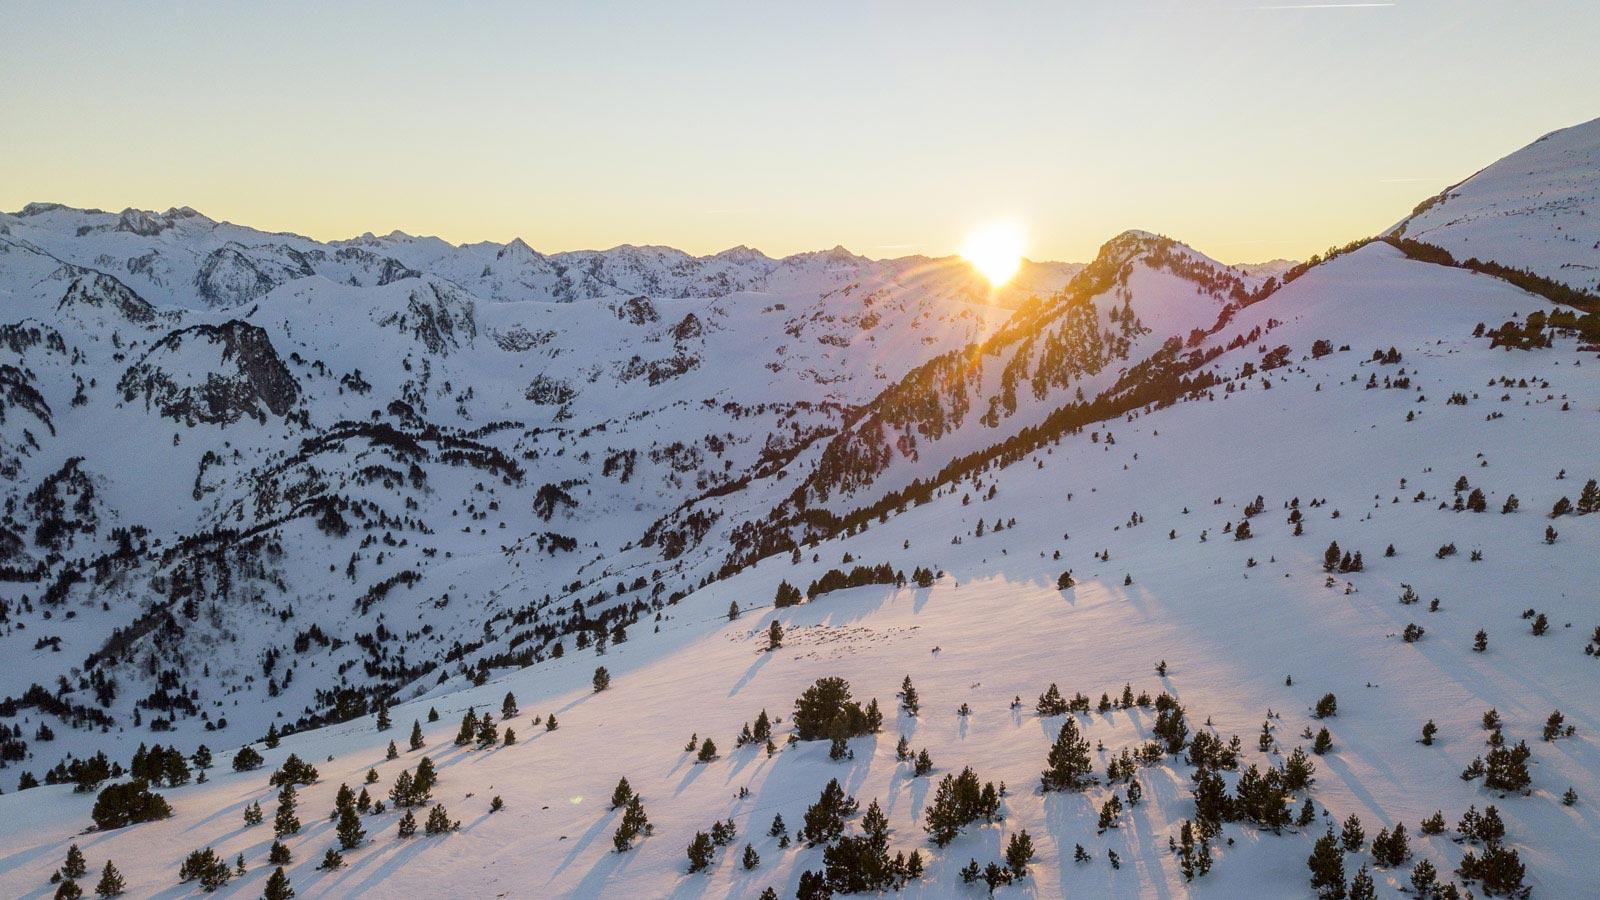 Station Mijanes coucher de soleil vue par drone